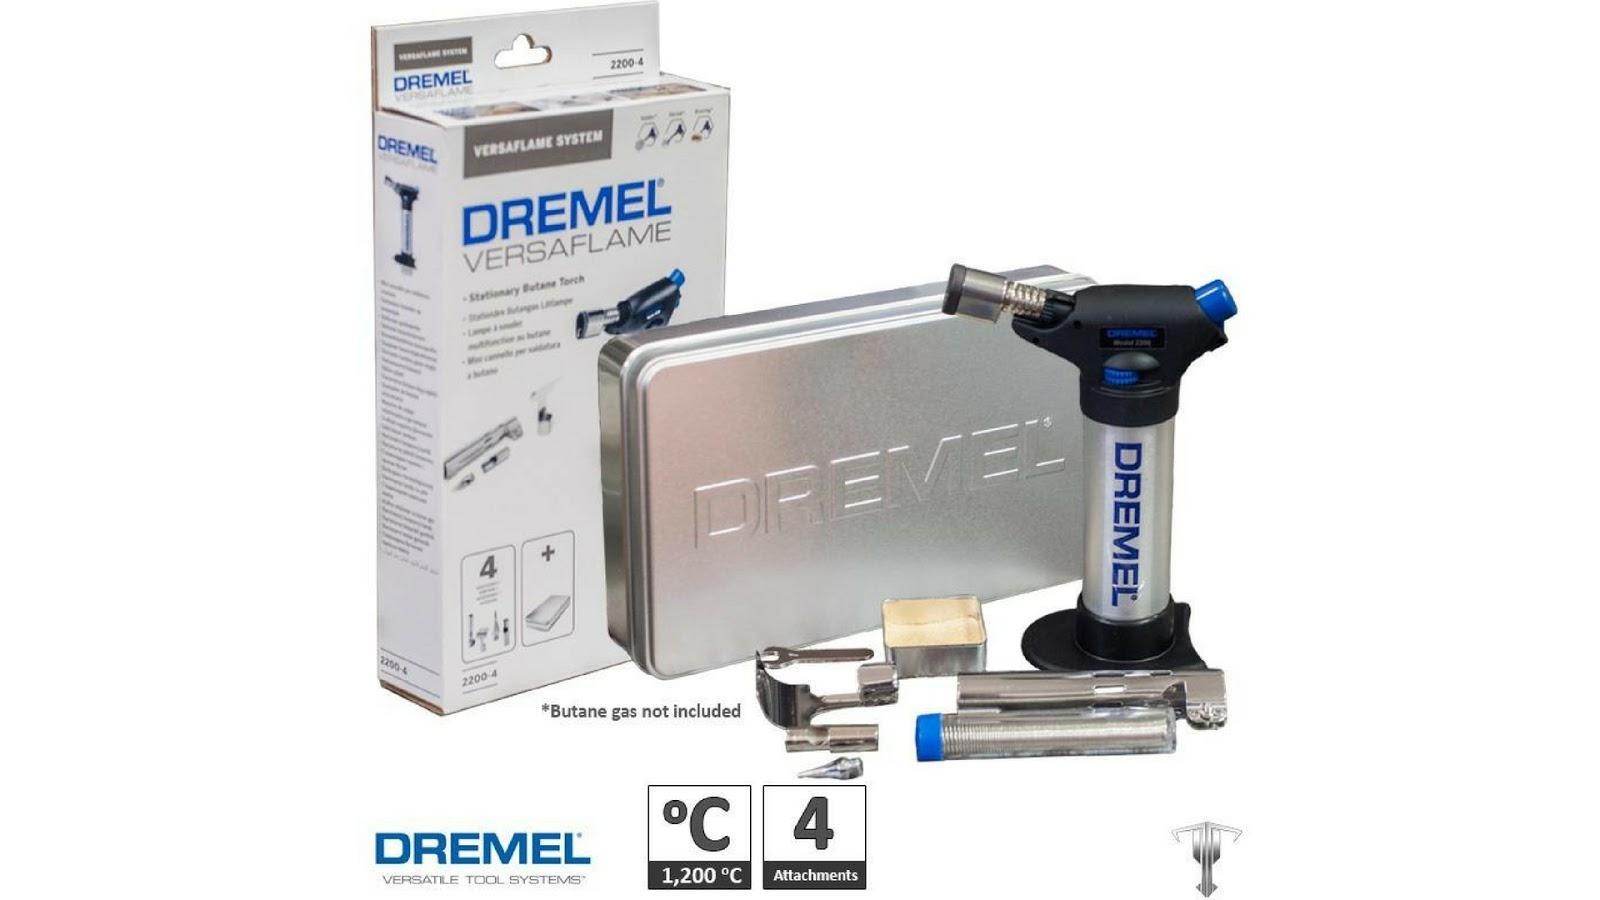 DREMEL® VersaFlame (2200-4) set